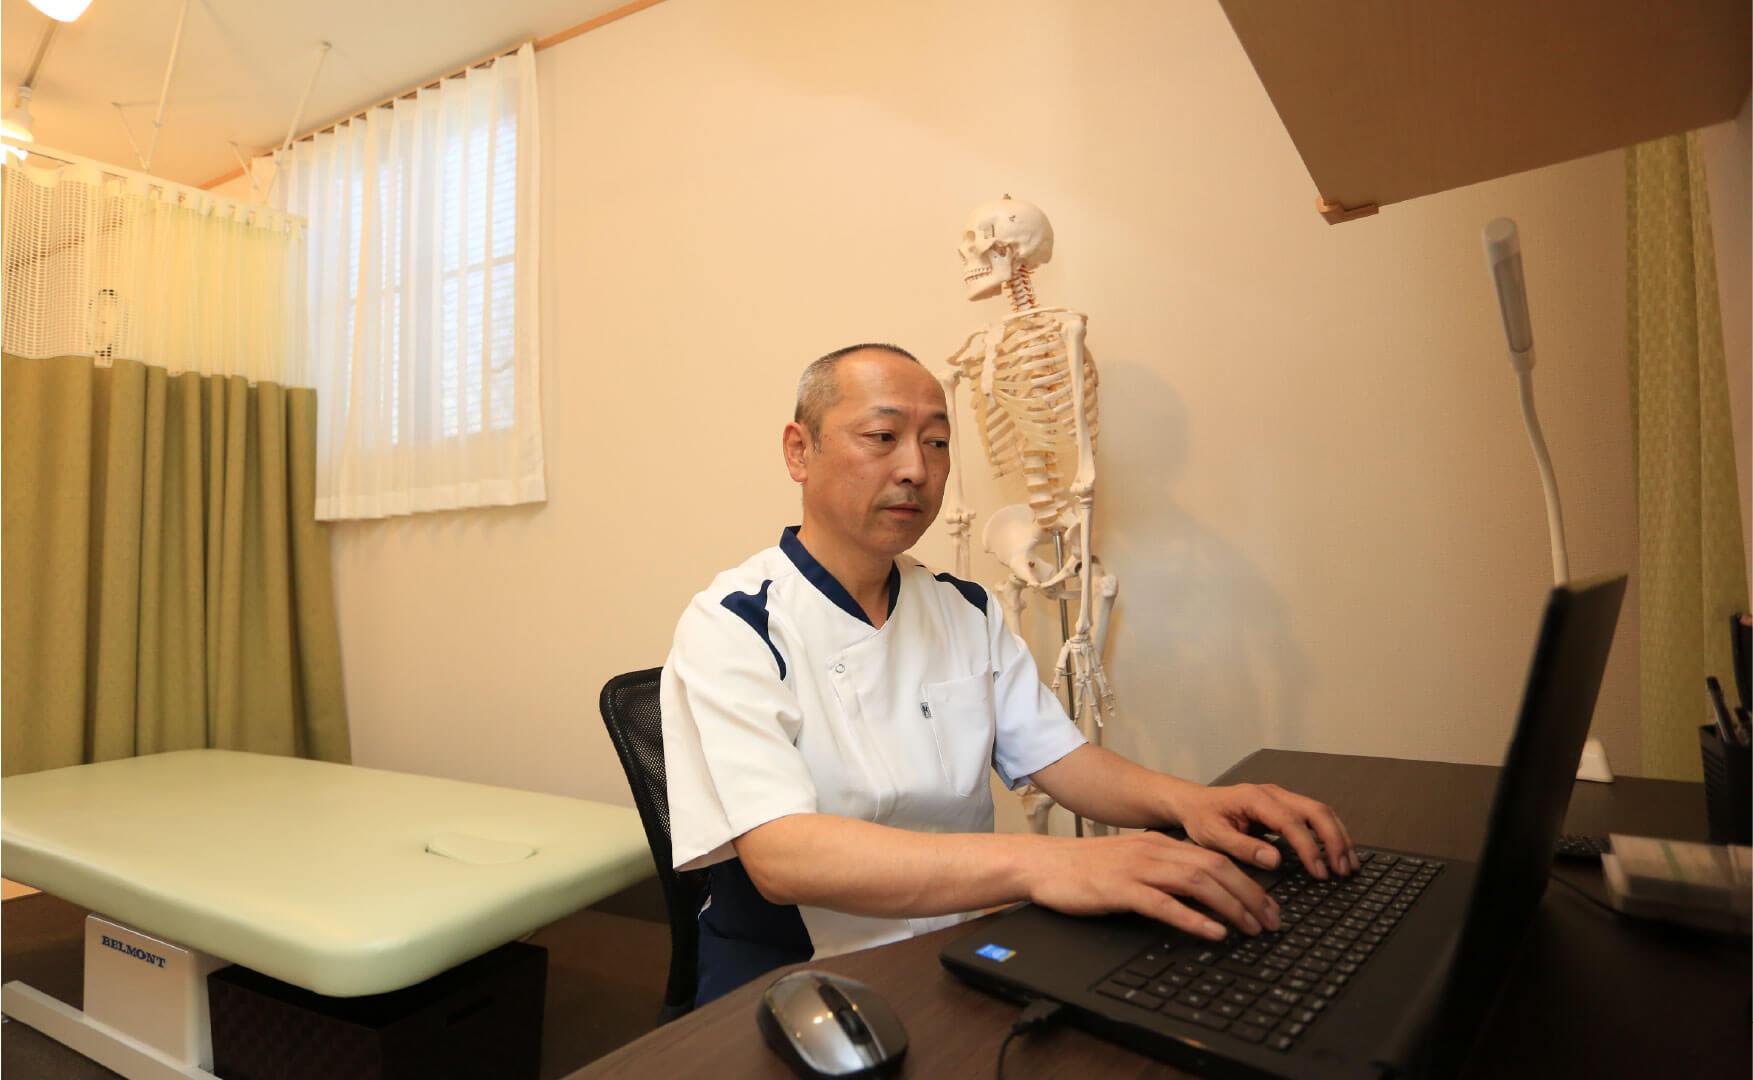 交通事故治療後のセルフケアについて交通事故治療の場合の治療方法